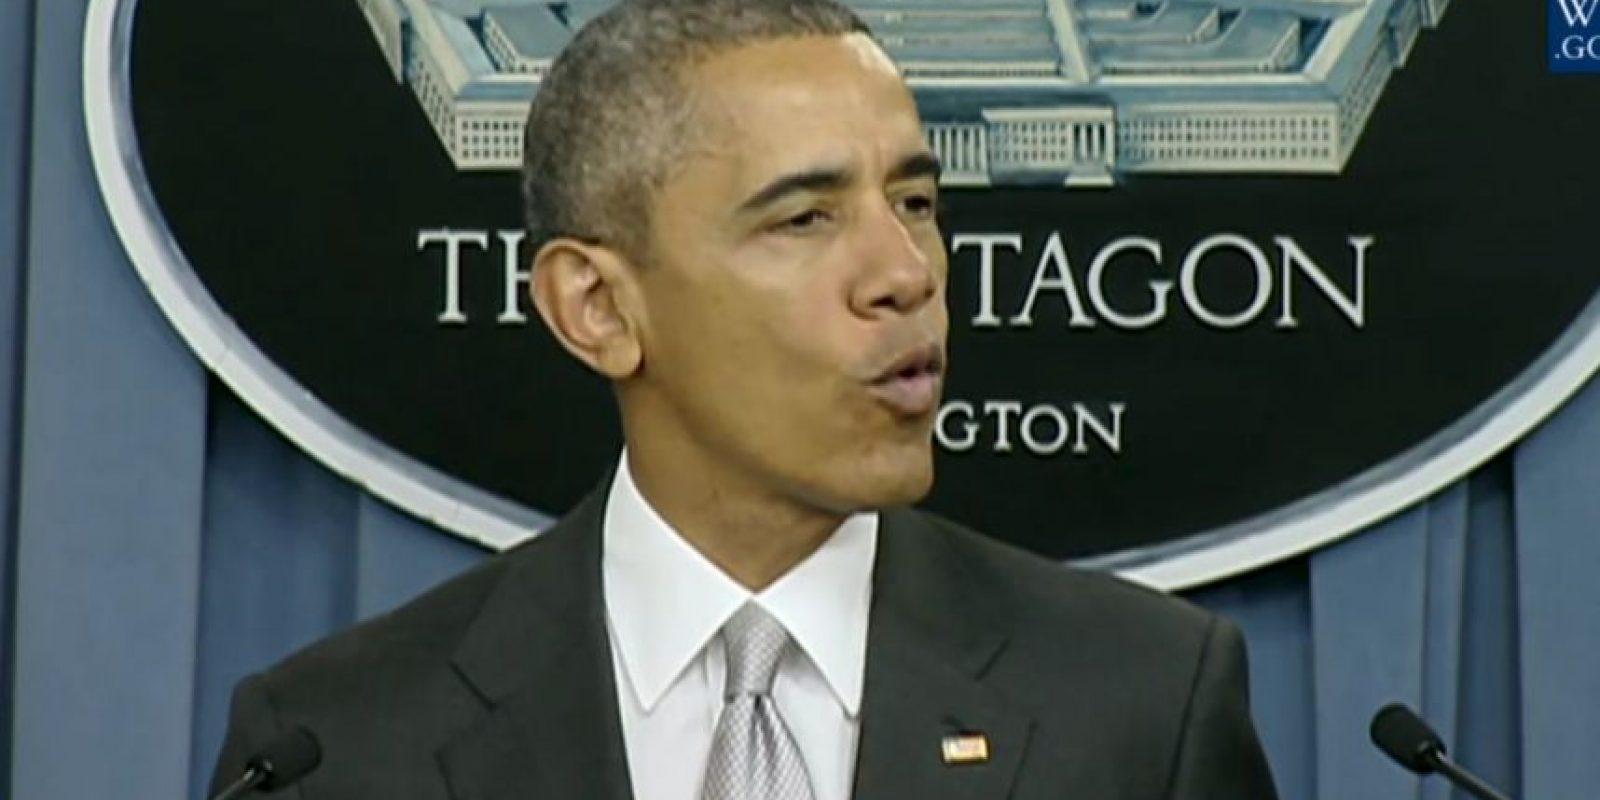 Barack Obama aseguró que el gobierno irá tras los líderes del grupo terrorista. Foto:White House